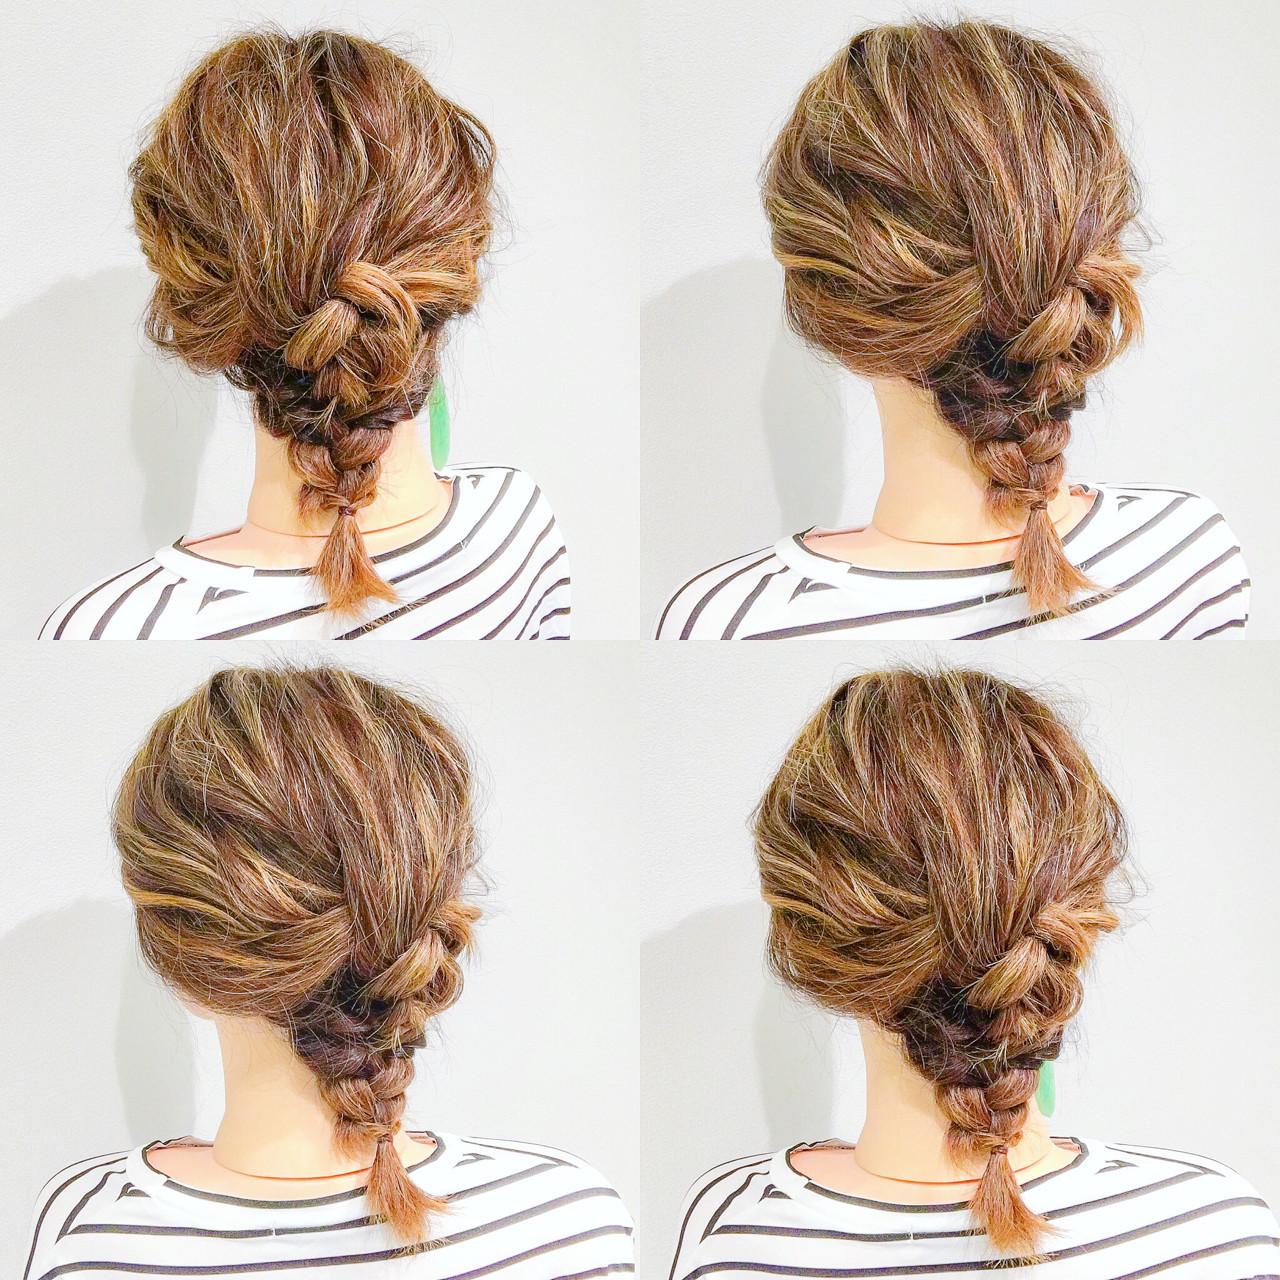 フェミニン ボブ ヘアアレンジ デート ヘアスタイルや髪型の写真・画像